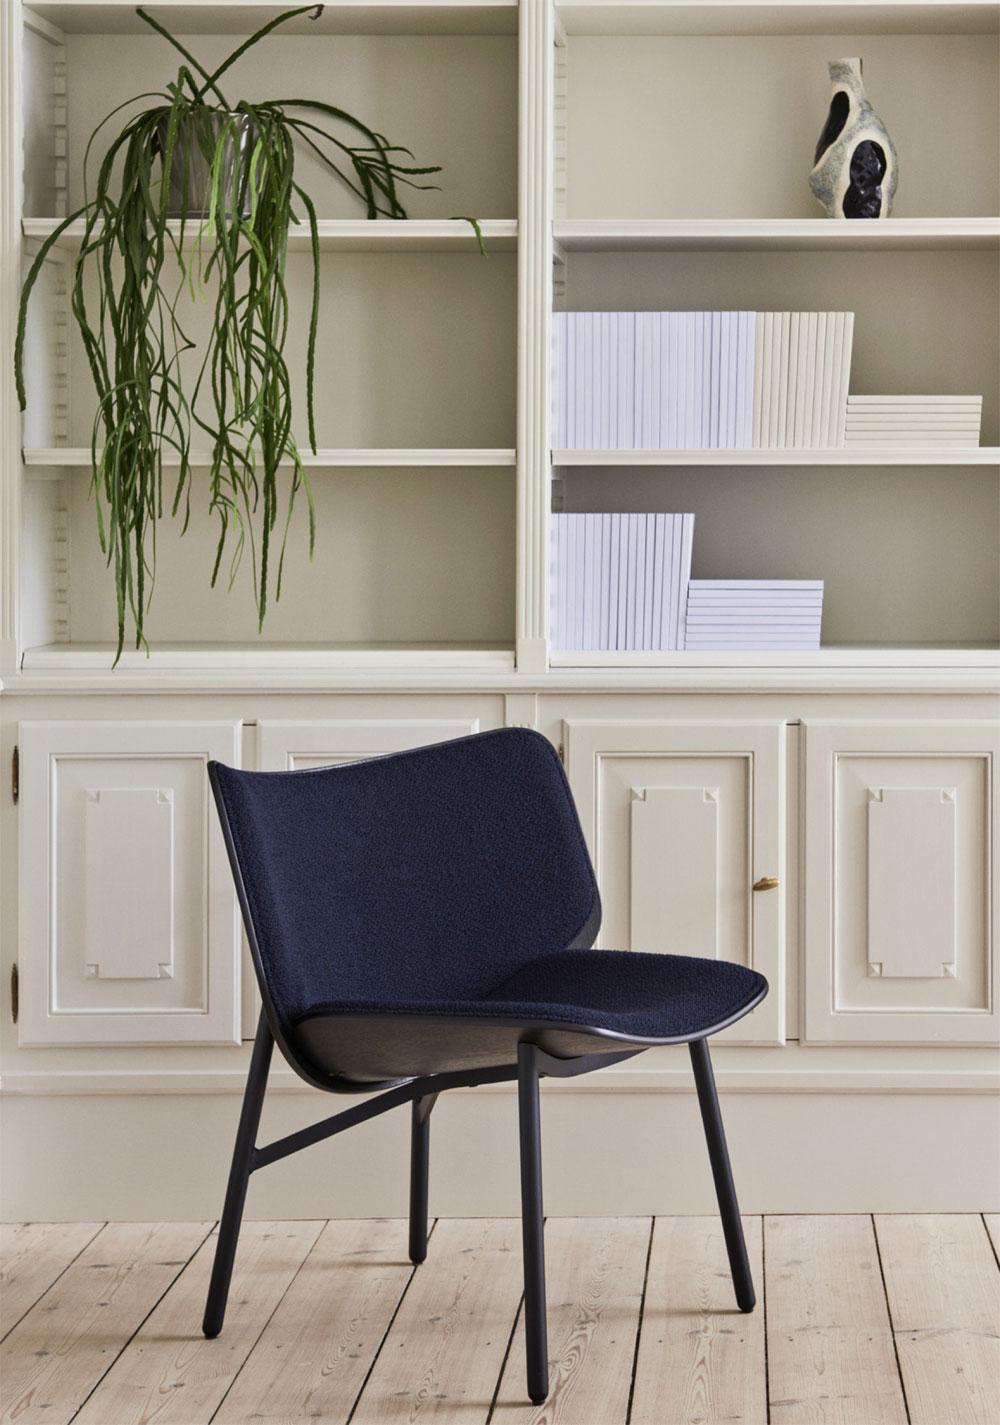 chaise-bureau-dapper-hay-bowigo-4.jpg